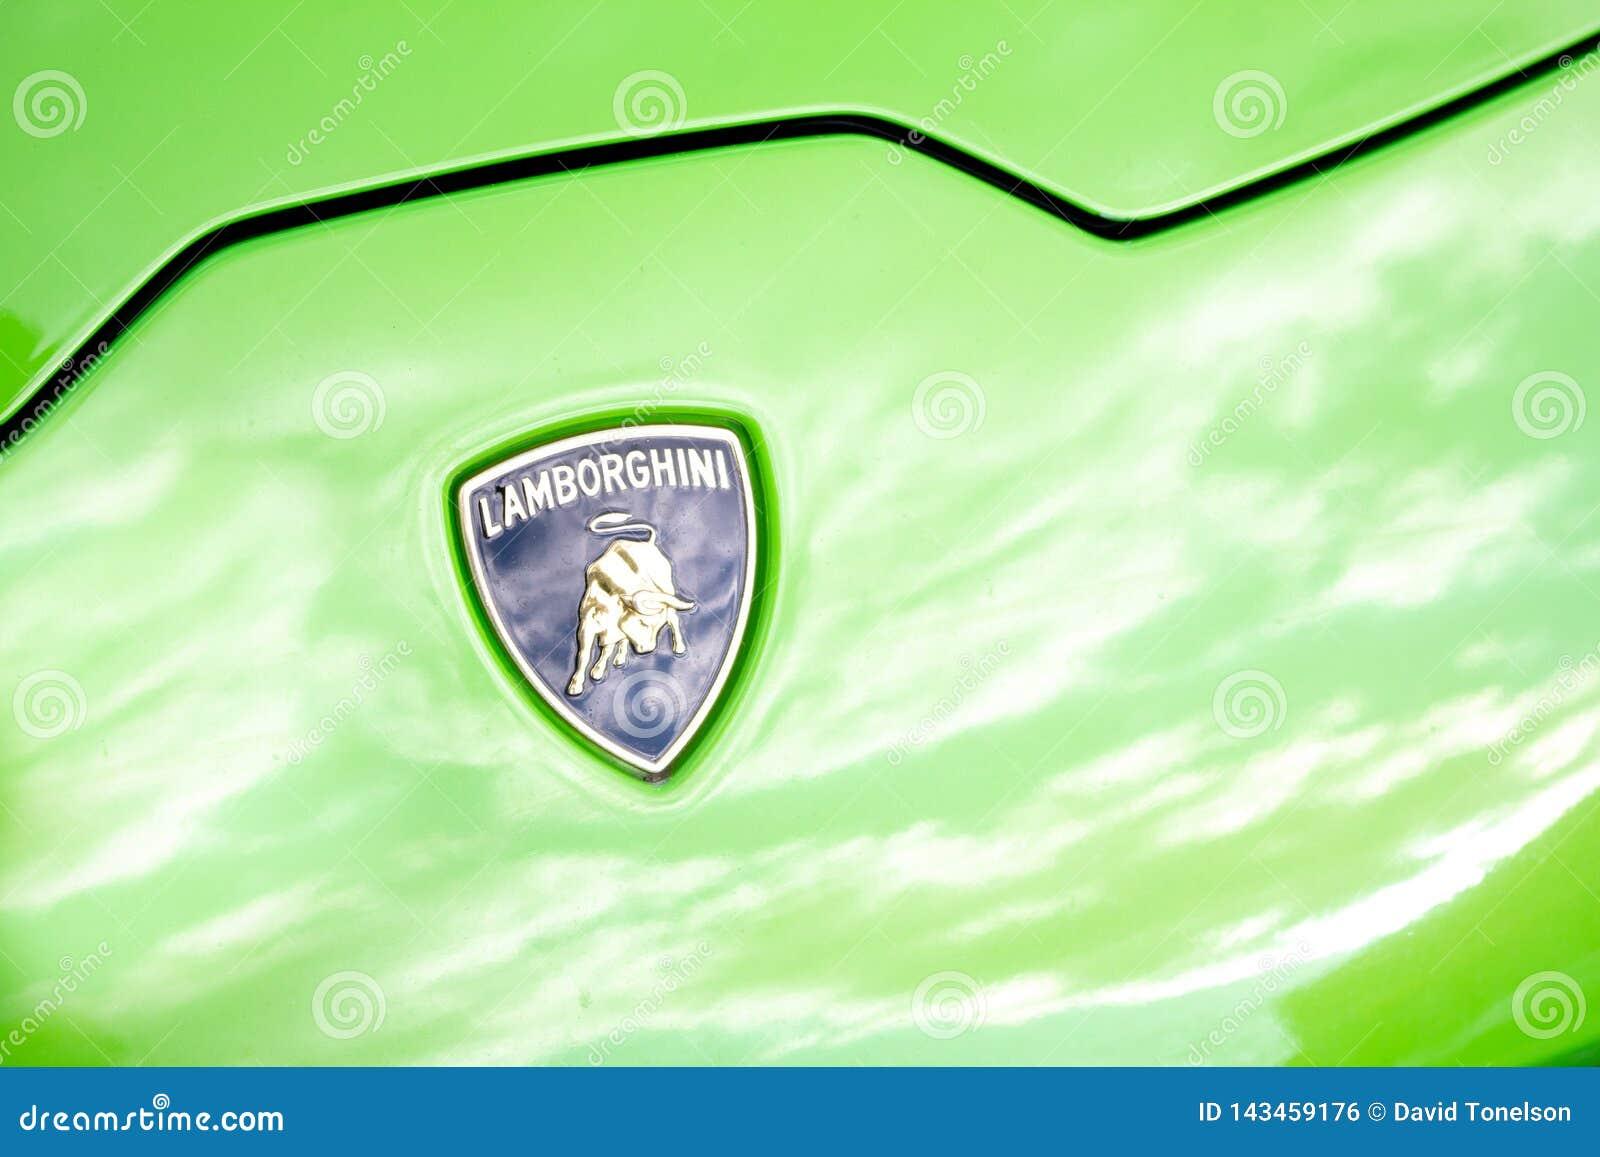 Lamborghini huvemblem